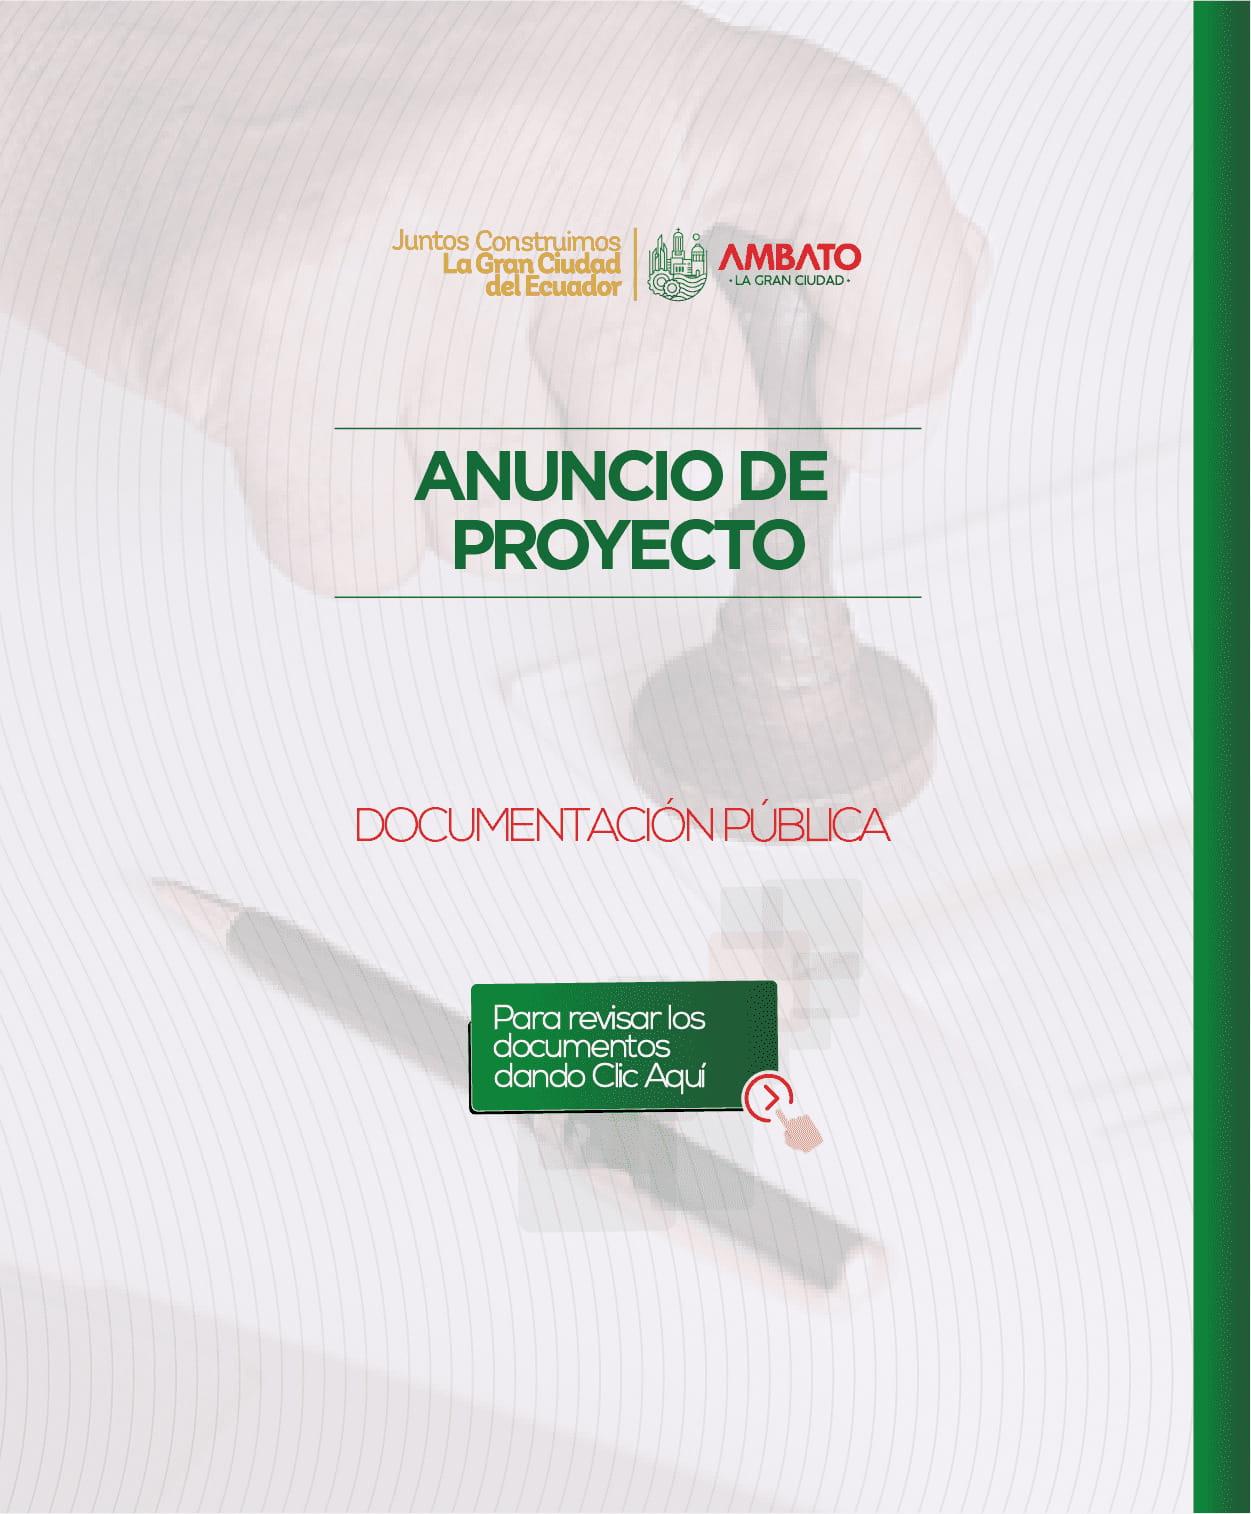 ANUNCIO DE PROYECTO_Mesa de trabajo 1 copia (1)-min